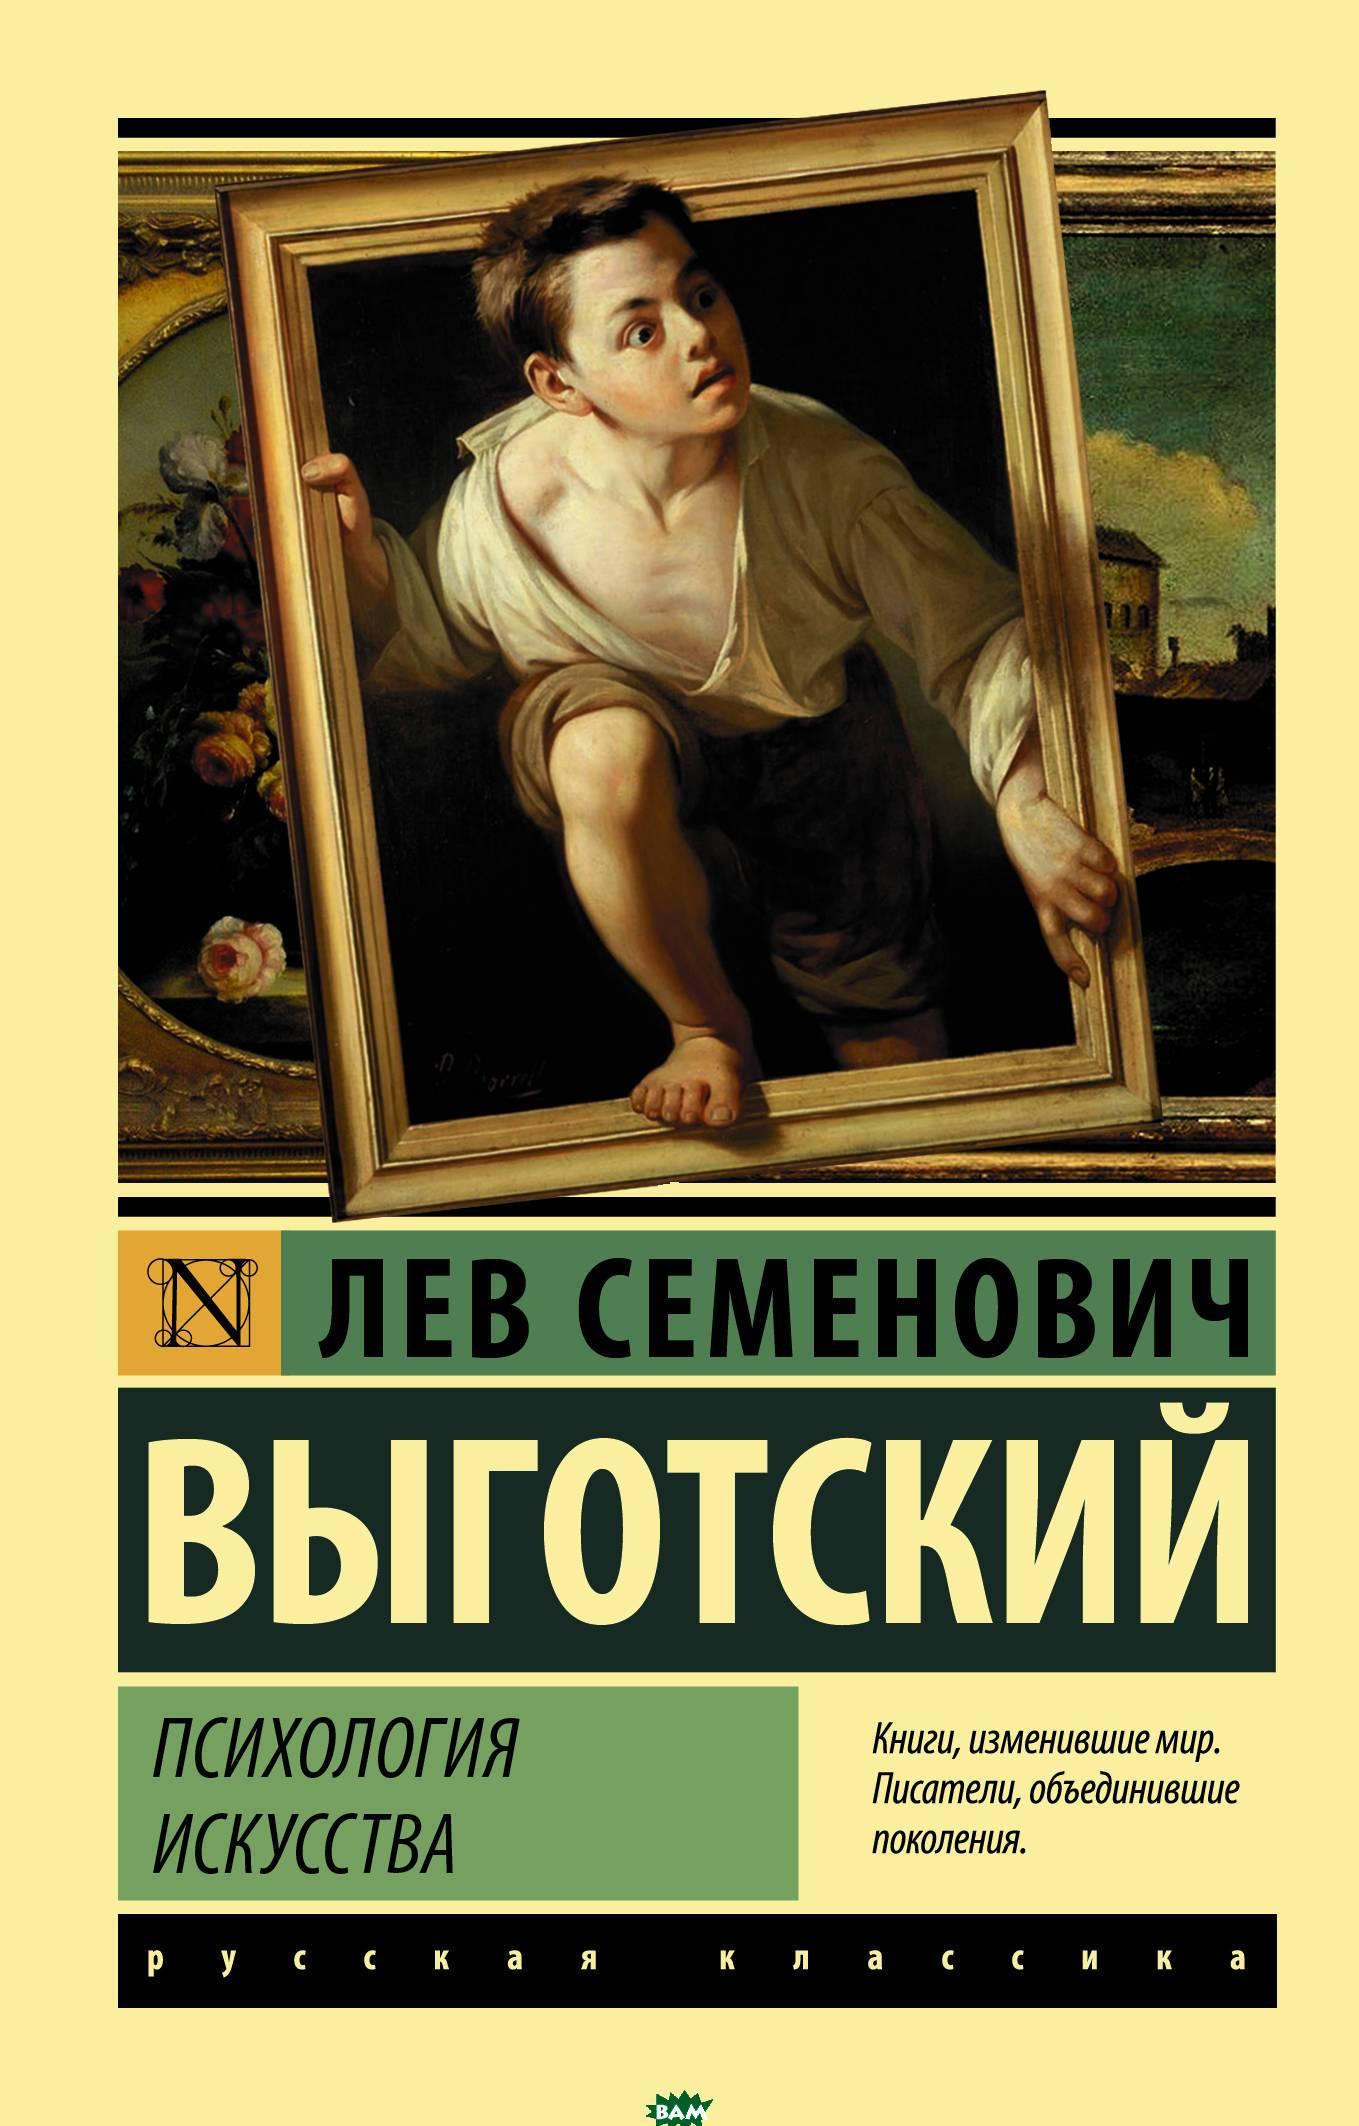 Психология искусства википедия